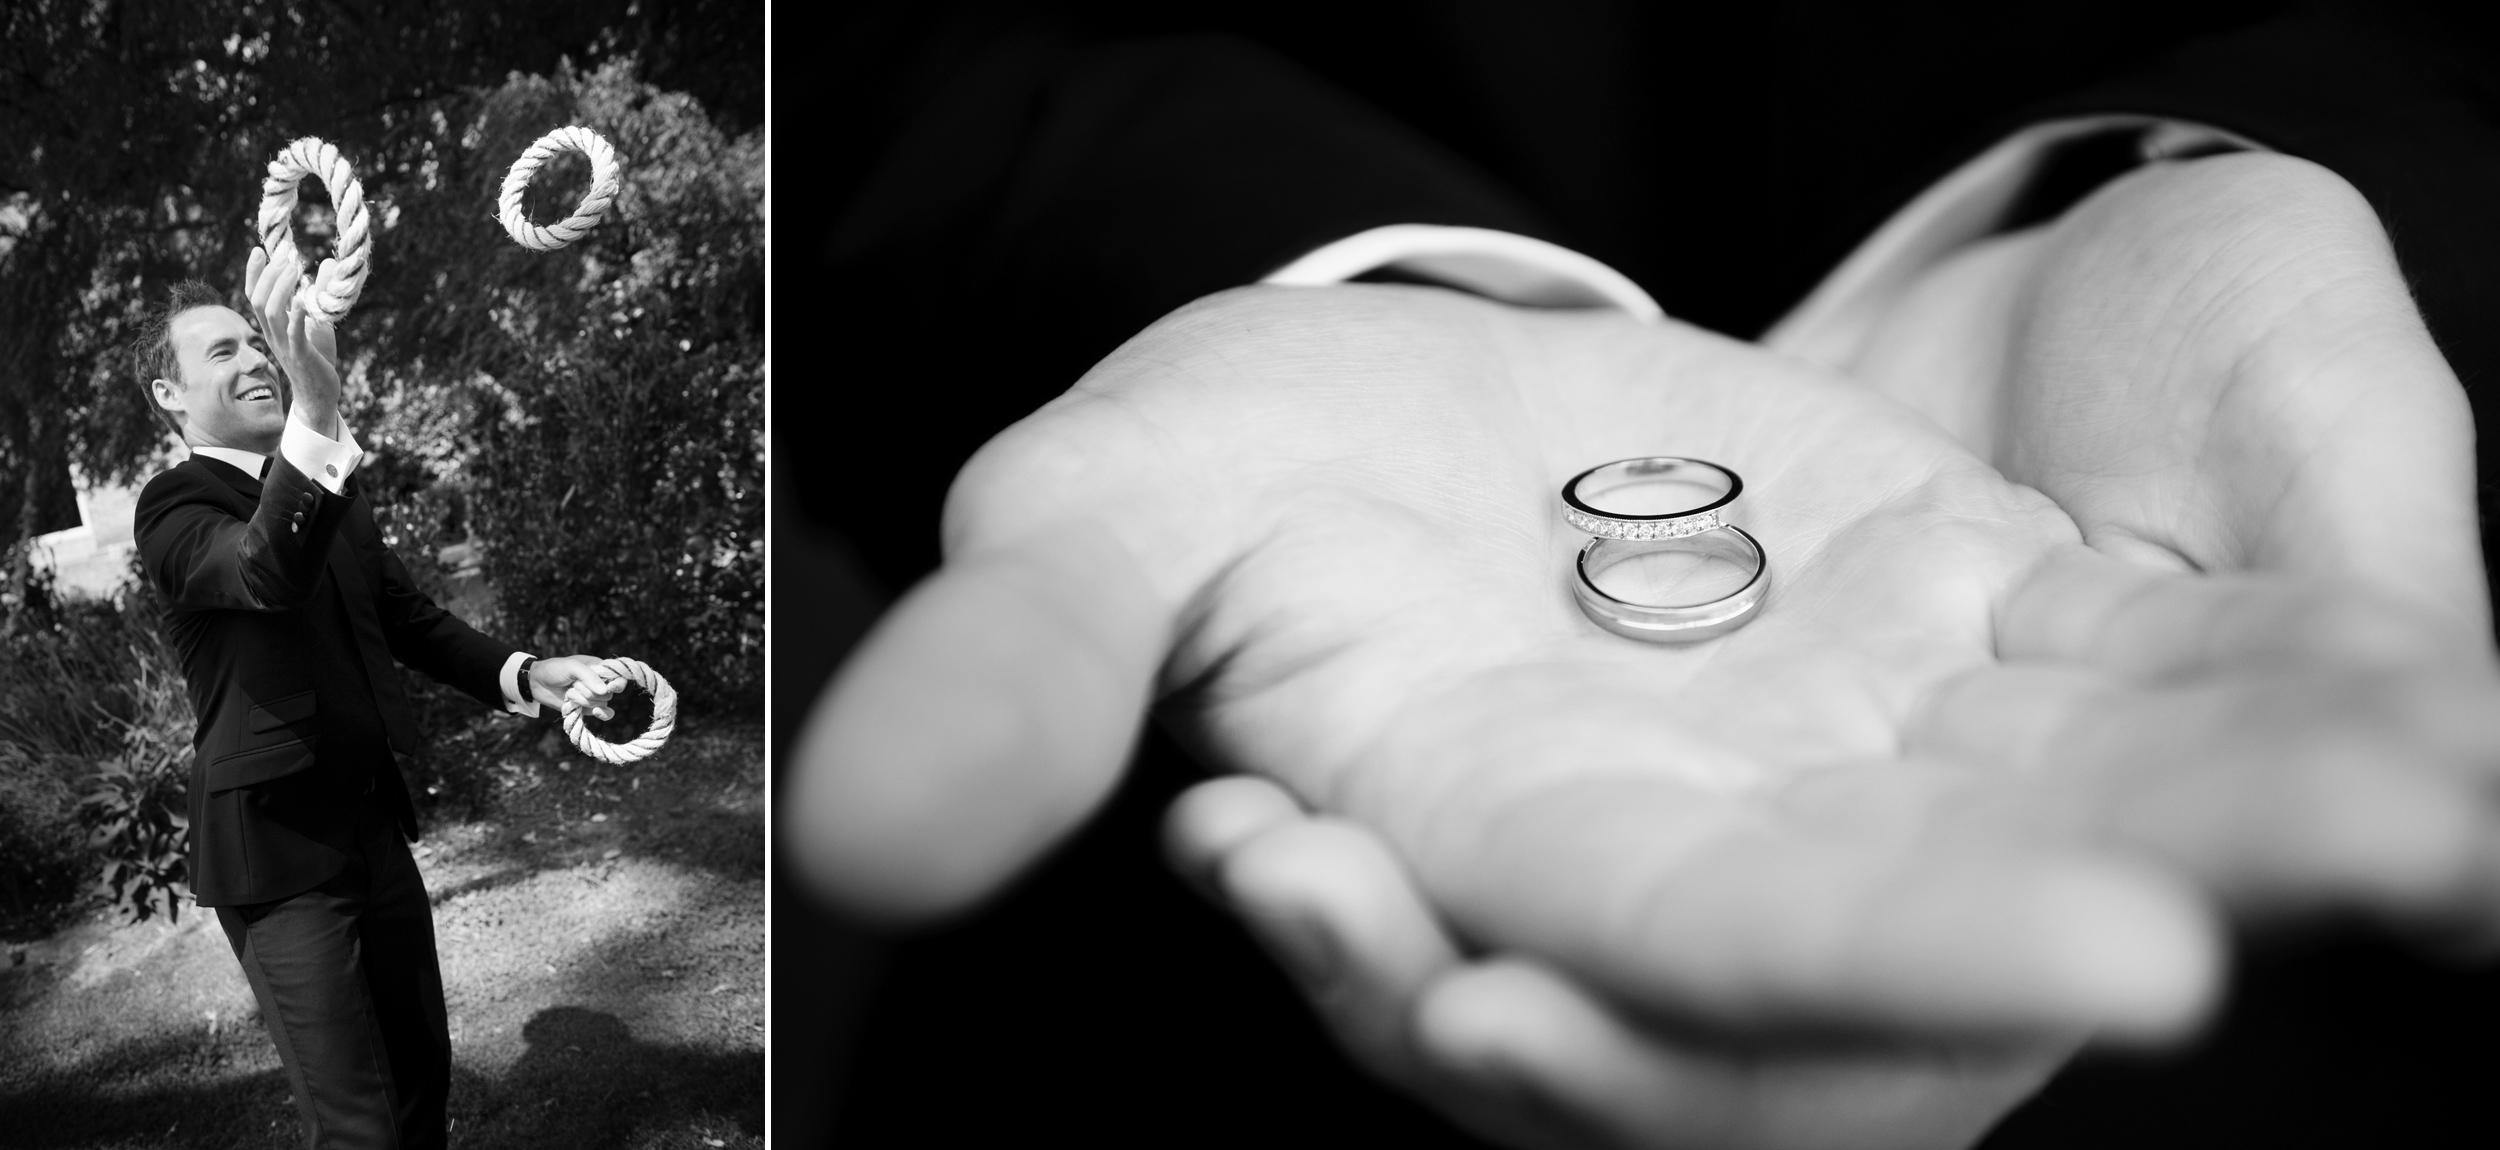 euroa_butter_factory_wedding_photography_58.jpg